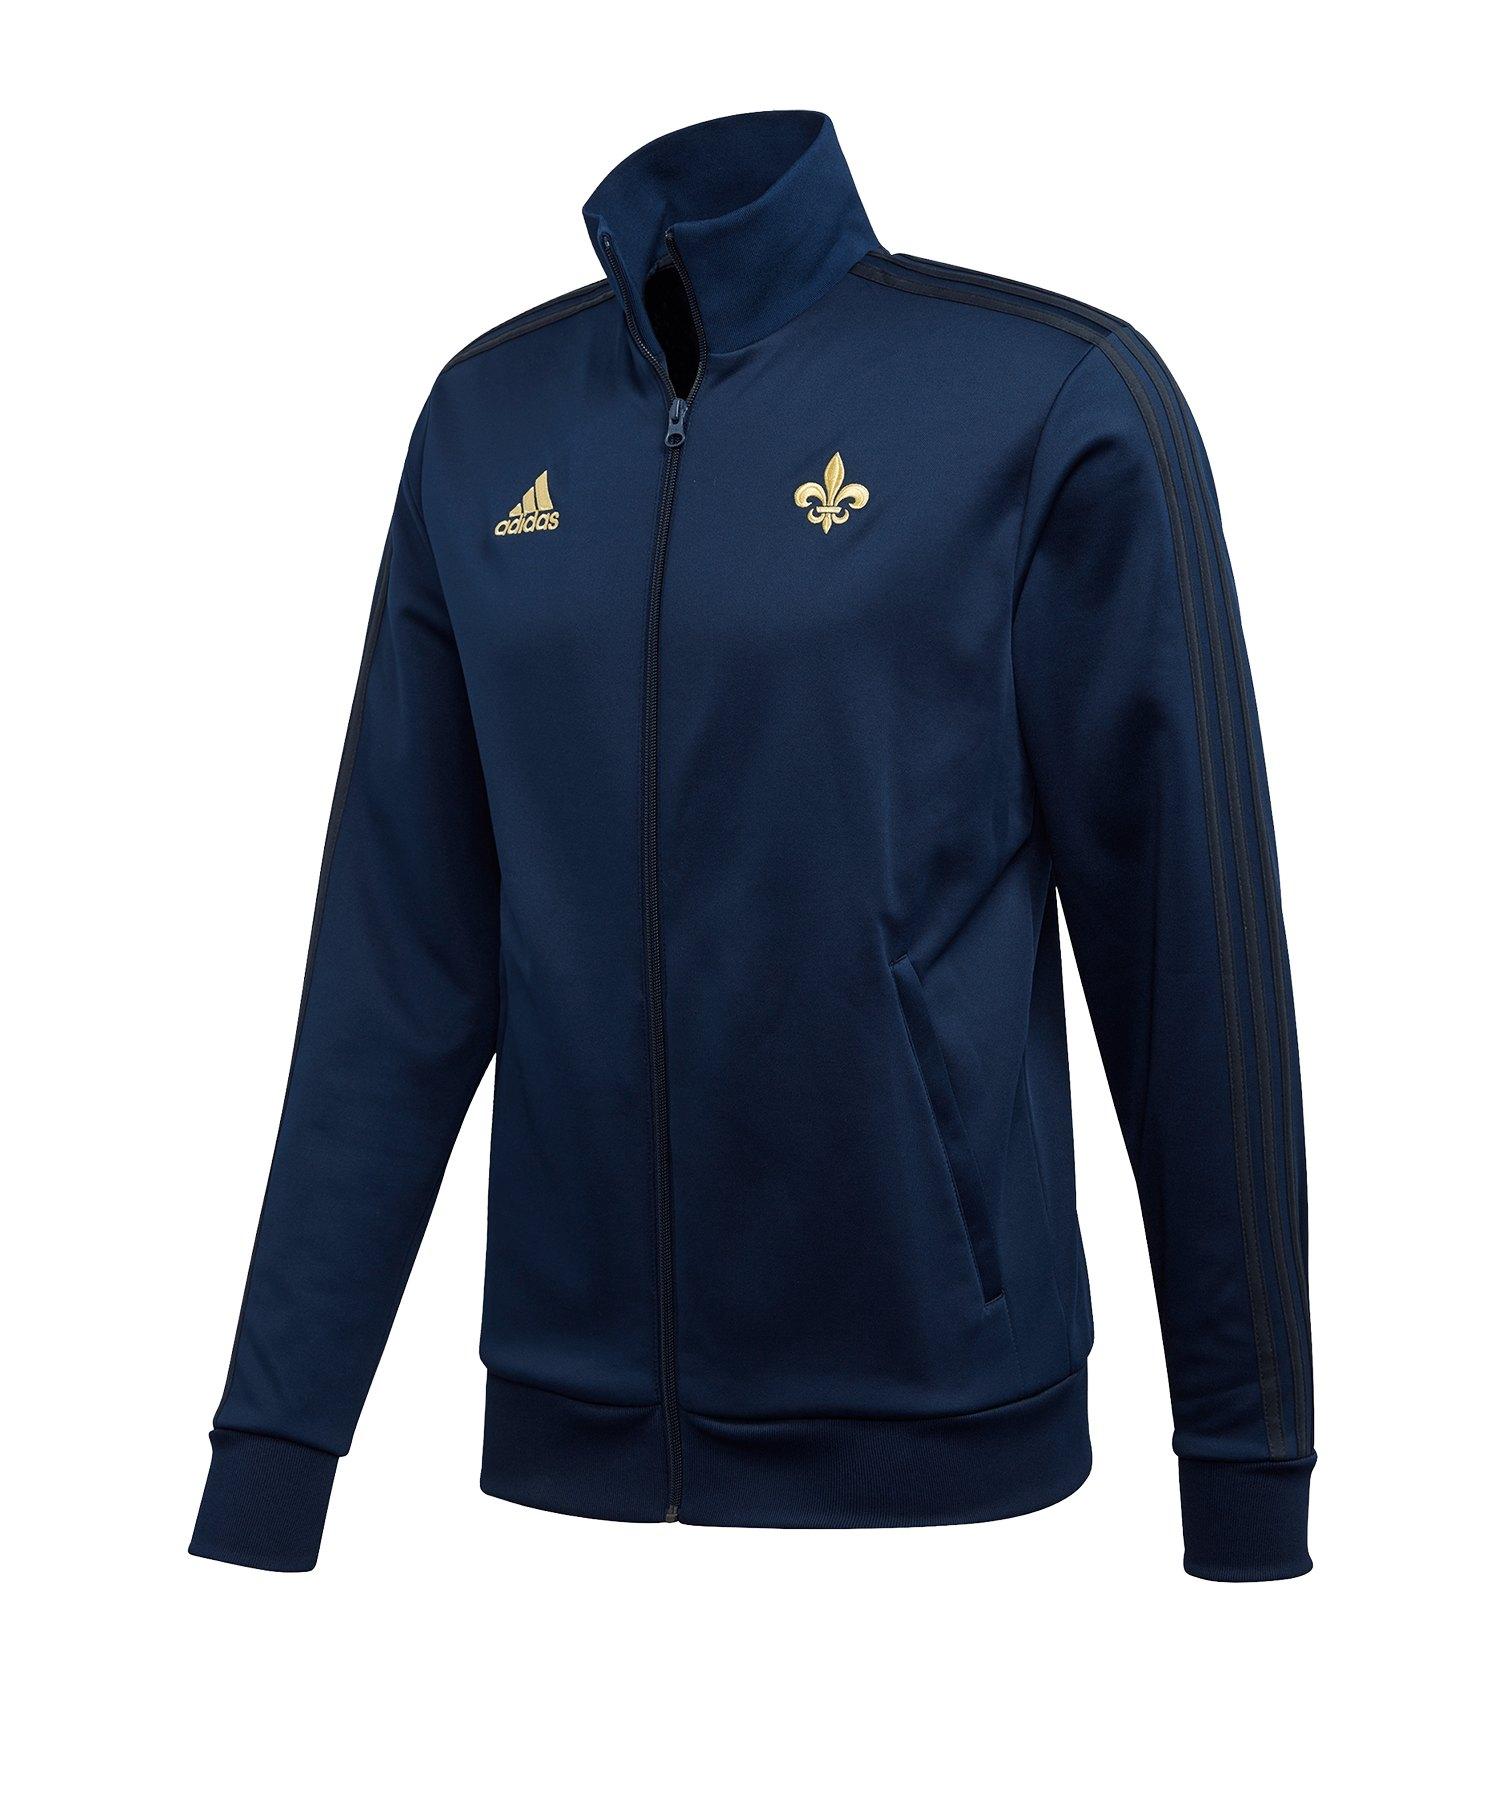 adidas Frankreich Trainingsjacke Blau - blau